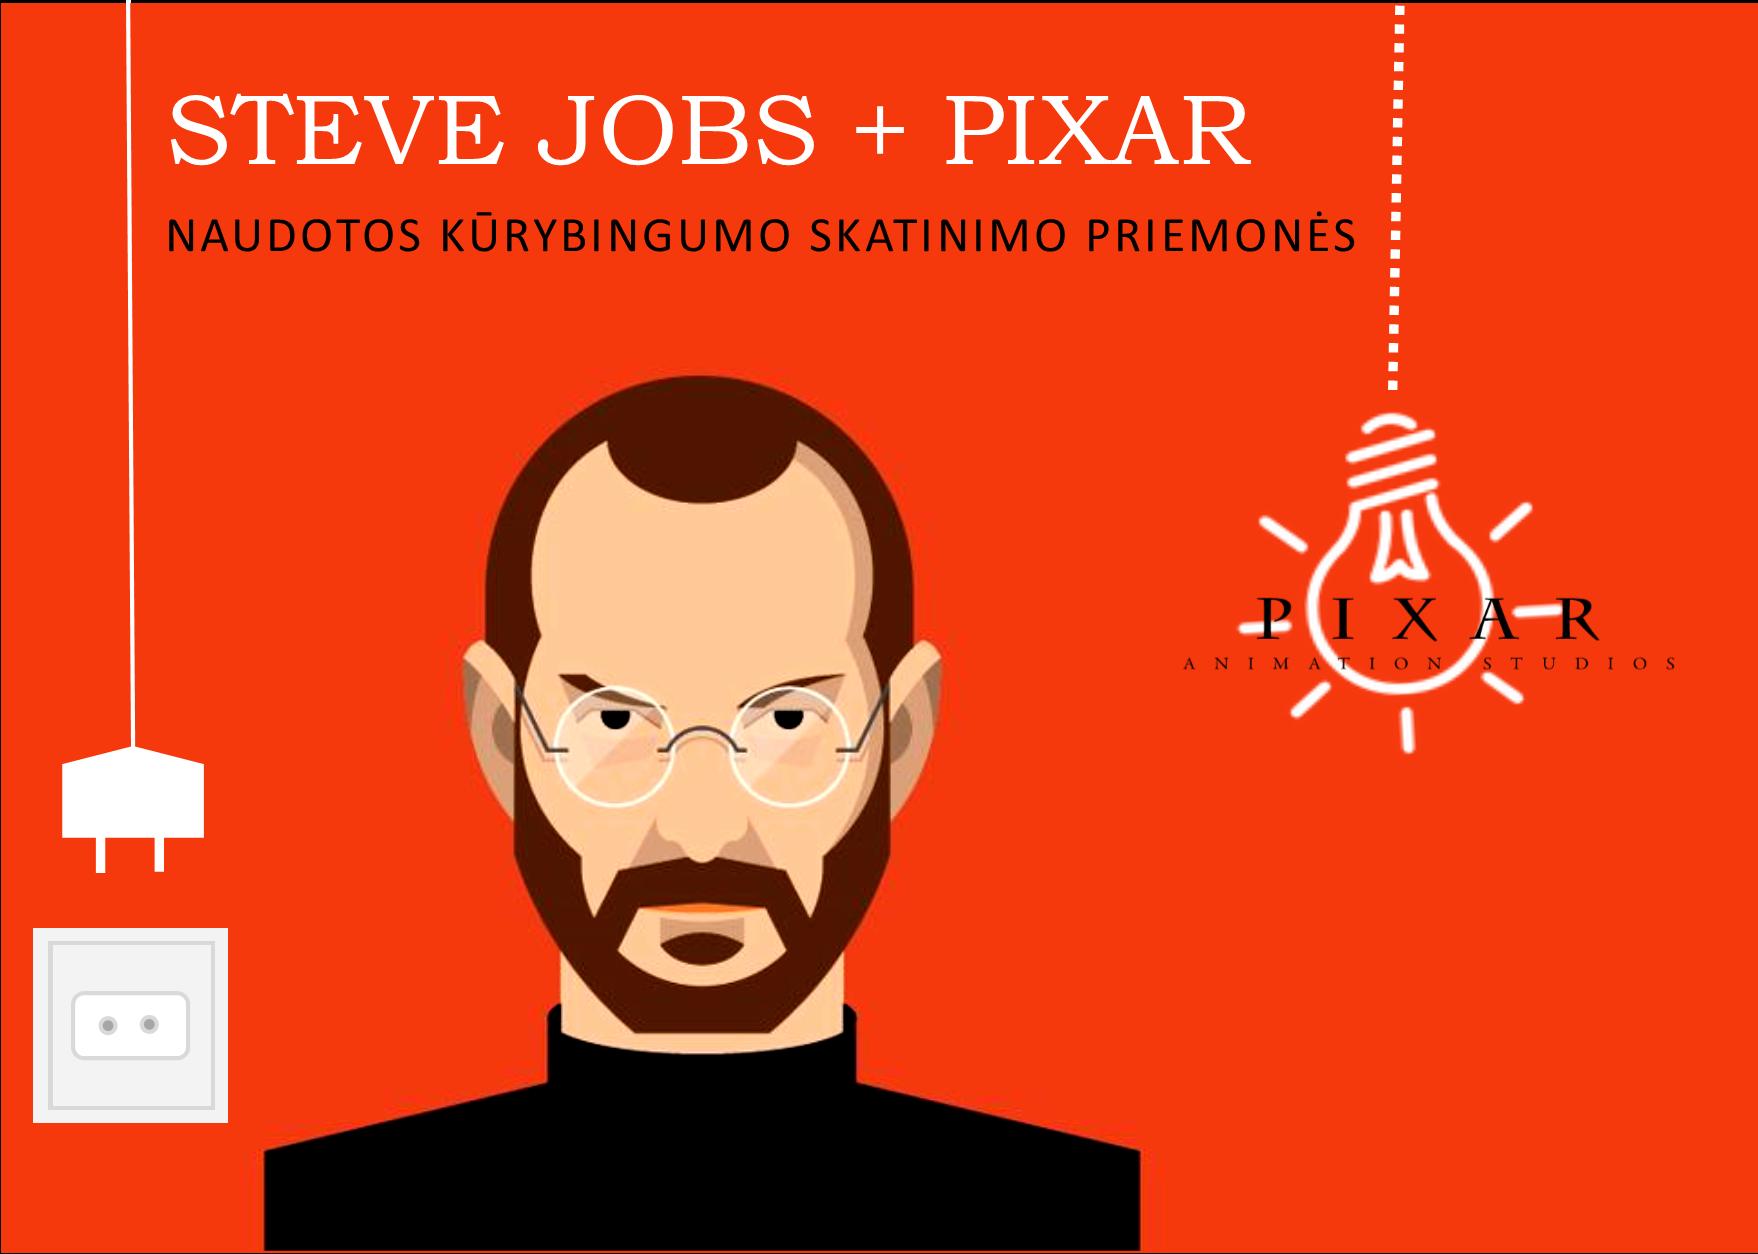 Steve_Jobs_Pixar_naudotos_kurybingumo_skatinimo_priemones.png